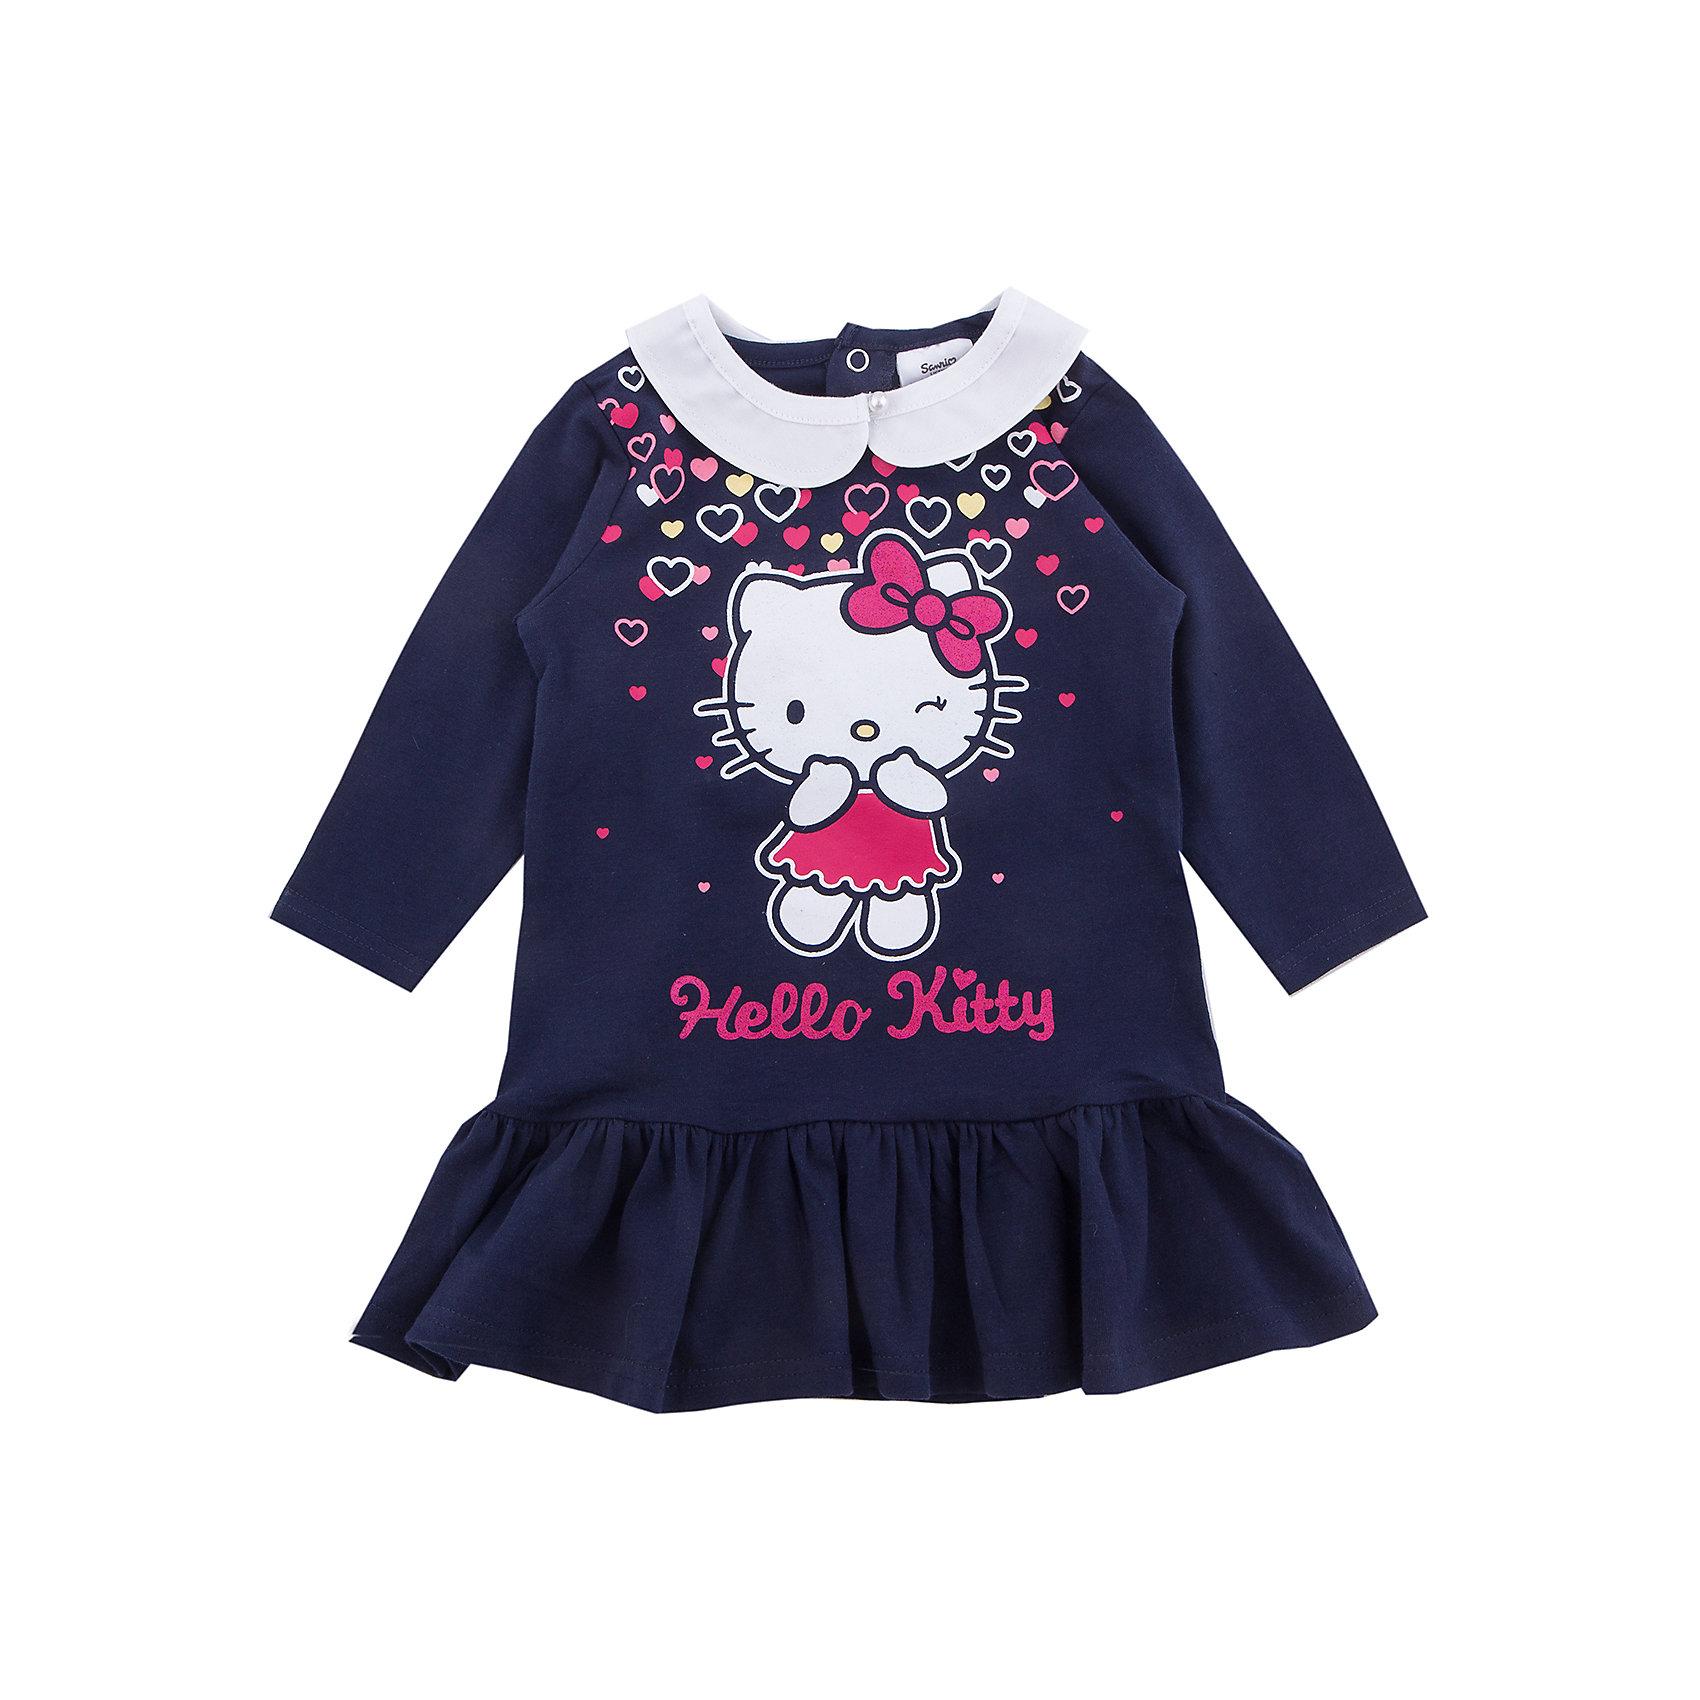 Платье PlayToday для девочкиПлатья и сарафаны<br>Платье PlayToday для девочки<br>Платье с длинным рукавом дополнит повседневный гардероб ребенка. Модель с белоснежным воротником на пуговицах, при необходимости его можно отстегнуть. На спинке расположены удобные застежки - кнопки. Платье декорировано ярким лицензированным принтом и широкой оборкой по низу.<br>Состав:<br>95% хлопок, 5% эластан<br><br>Ширина мм: 236<br>Глубина мм: 16<br>Высота мм: 184<br>Вес г: 177<br>Цвет: белый<br>Возраст от месяцев: 18<br>Возраст до месяцев: 24<br>Пол: Женский<br>Возраст: Детский<br>Размер: 92,74,80,86<br>SKU: 7107791